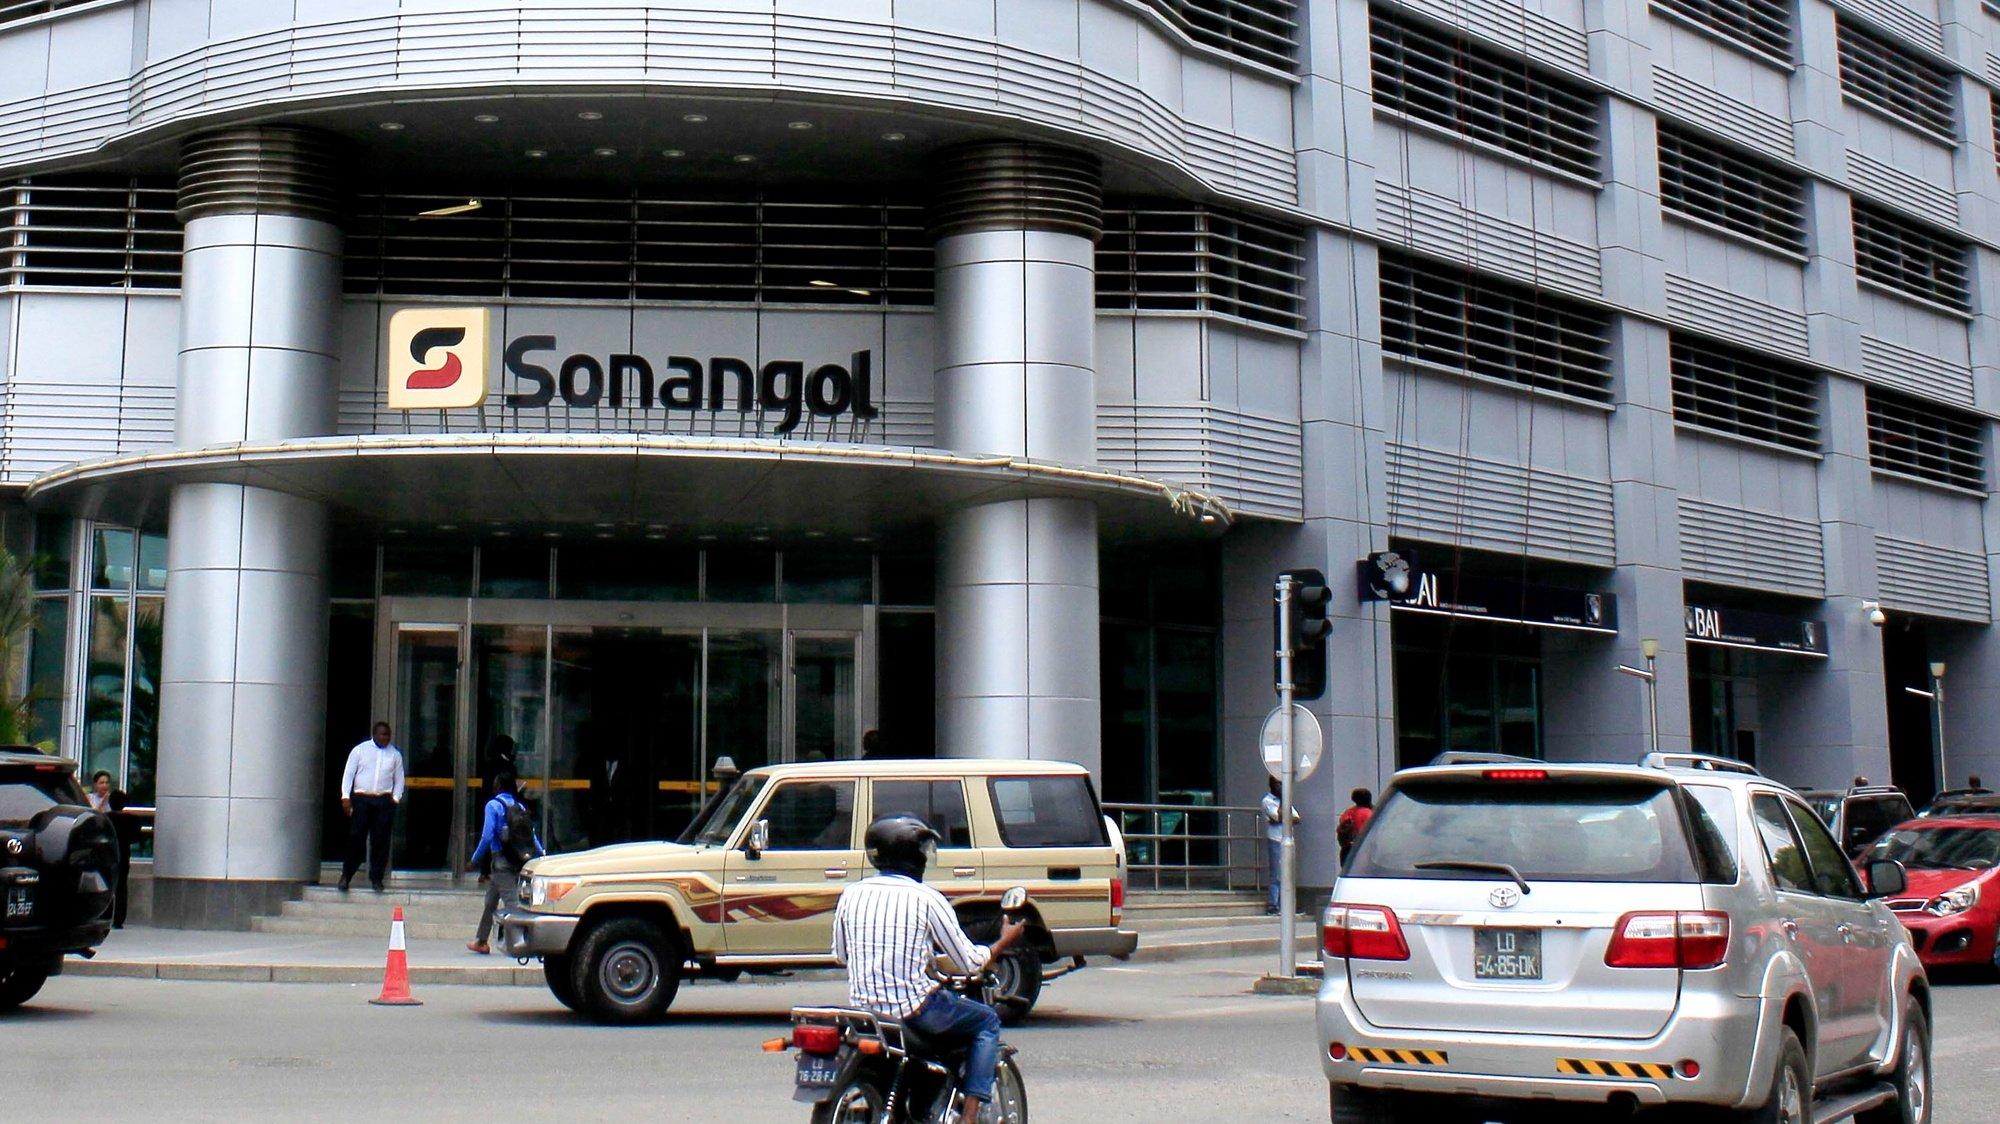 Sede da Sonangol em Luanda, Angola, 30 de outubro de 2018. AMPE ROGÉRIO/LUSA